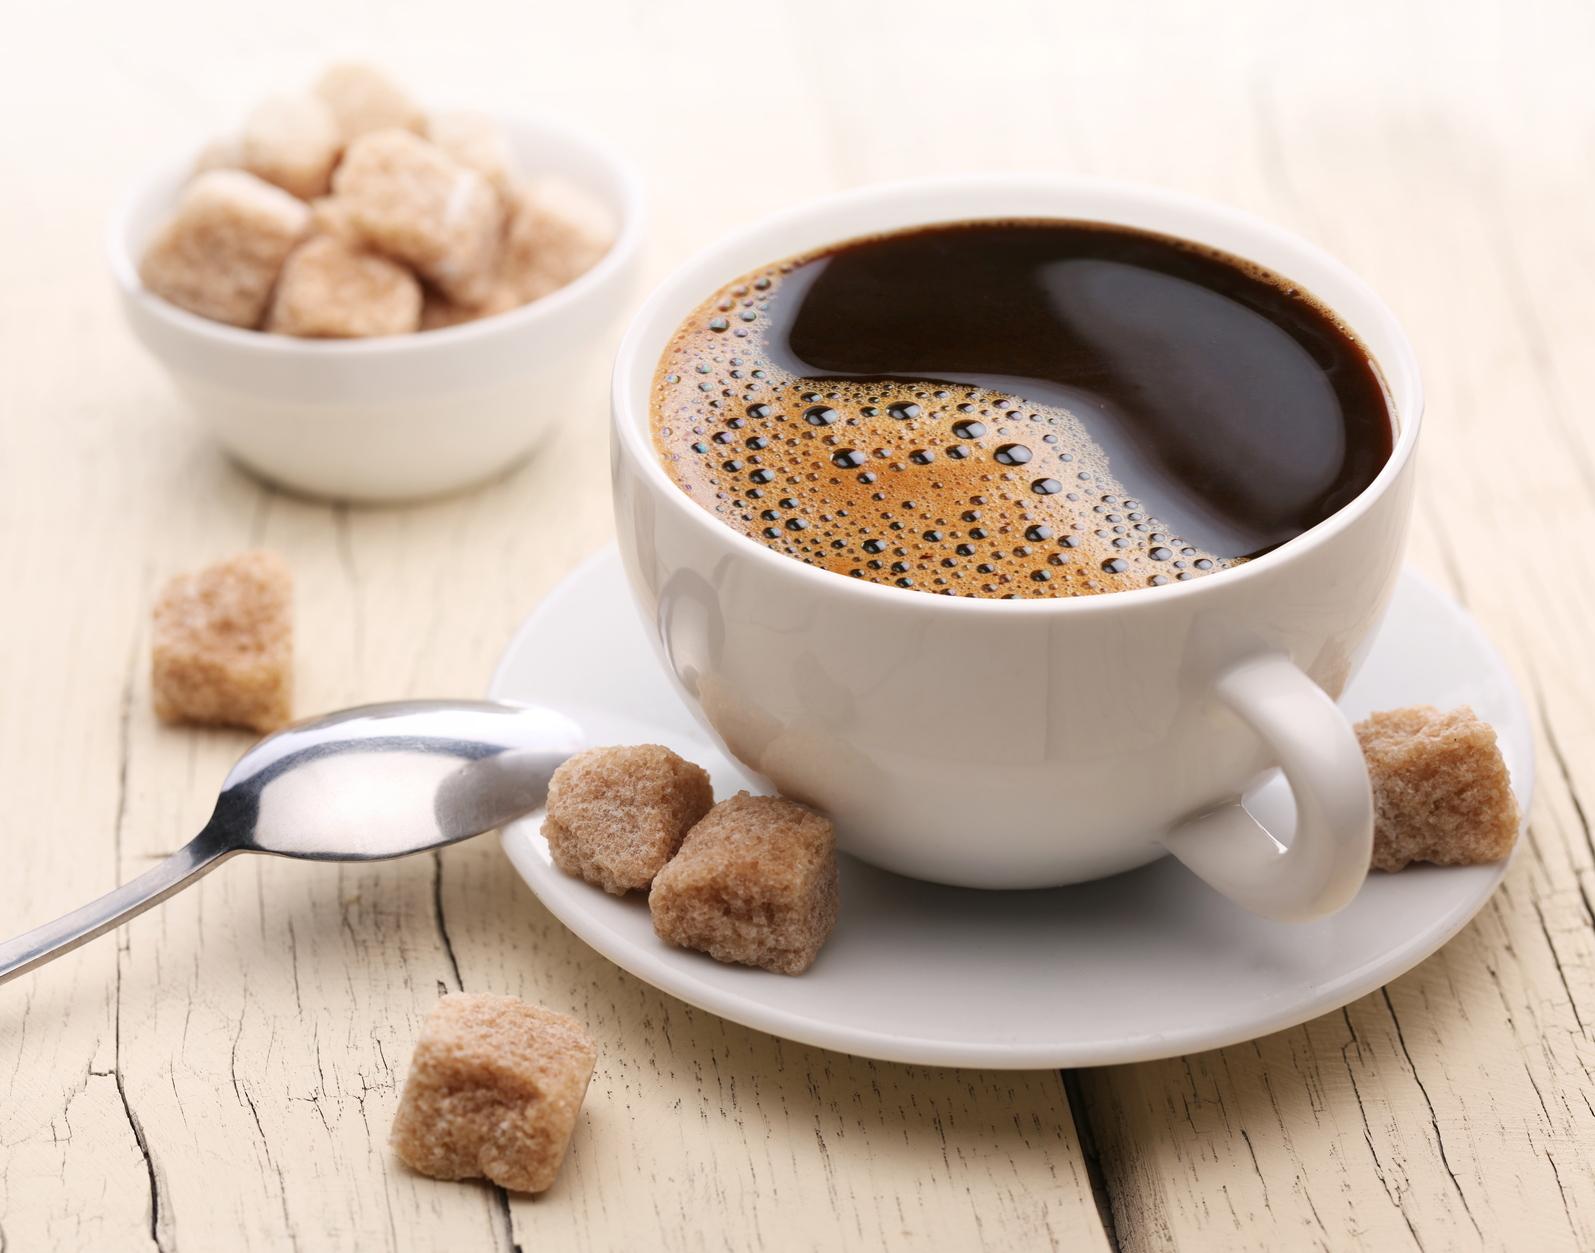 éget zsírt nincs koffein fogyás isten útja őszintén simán